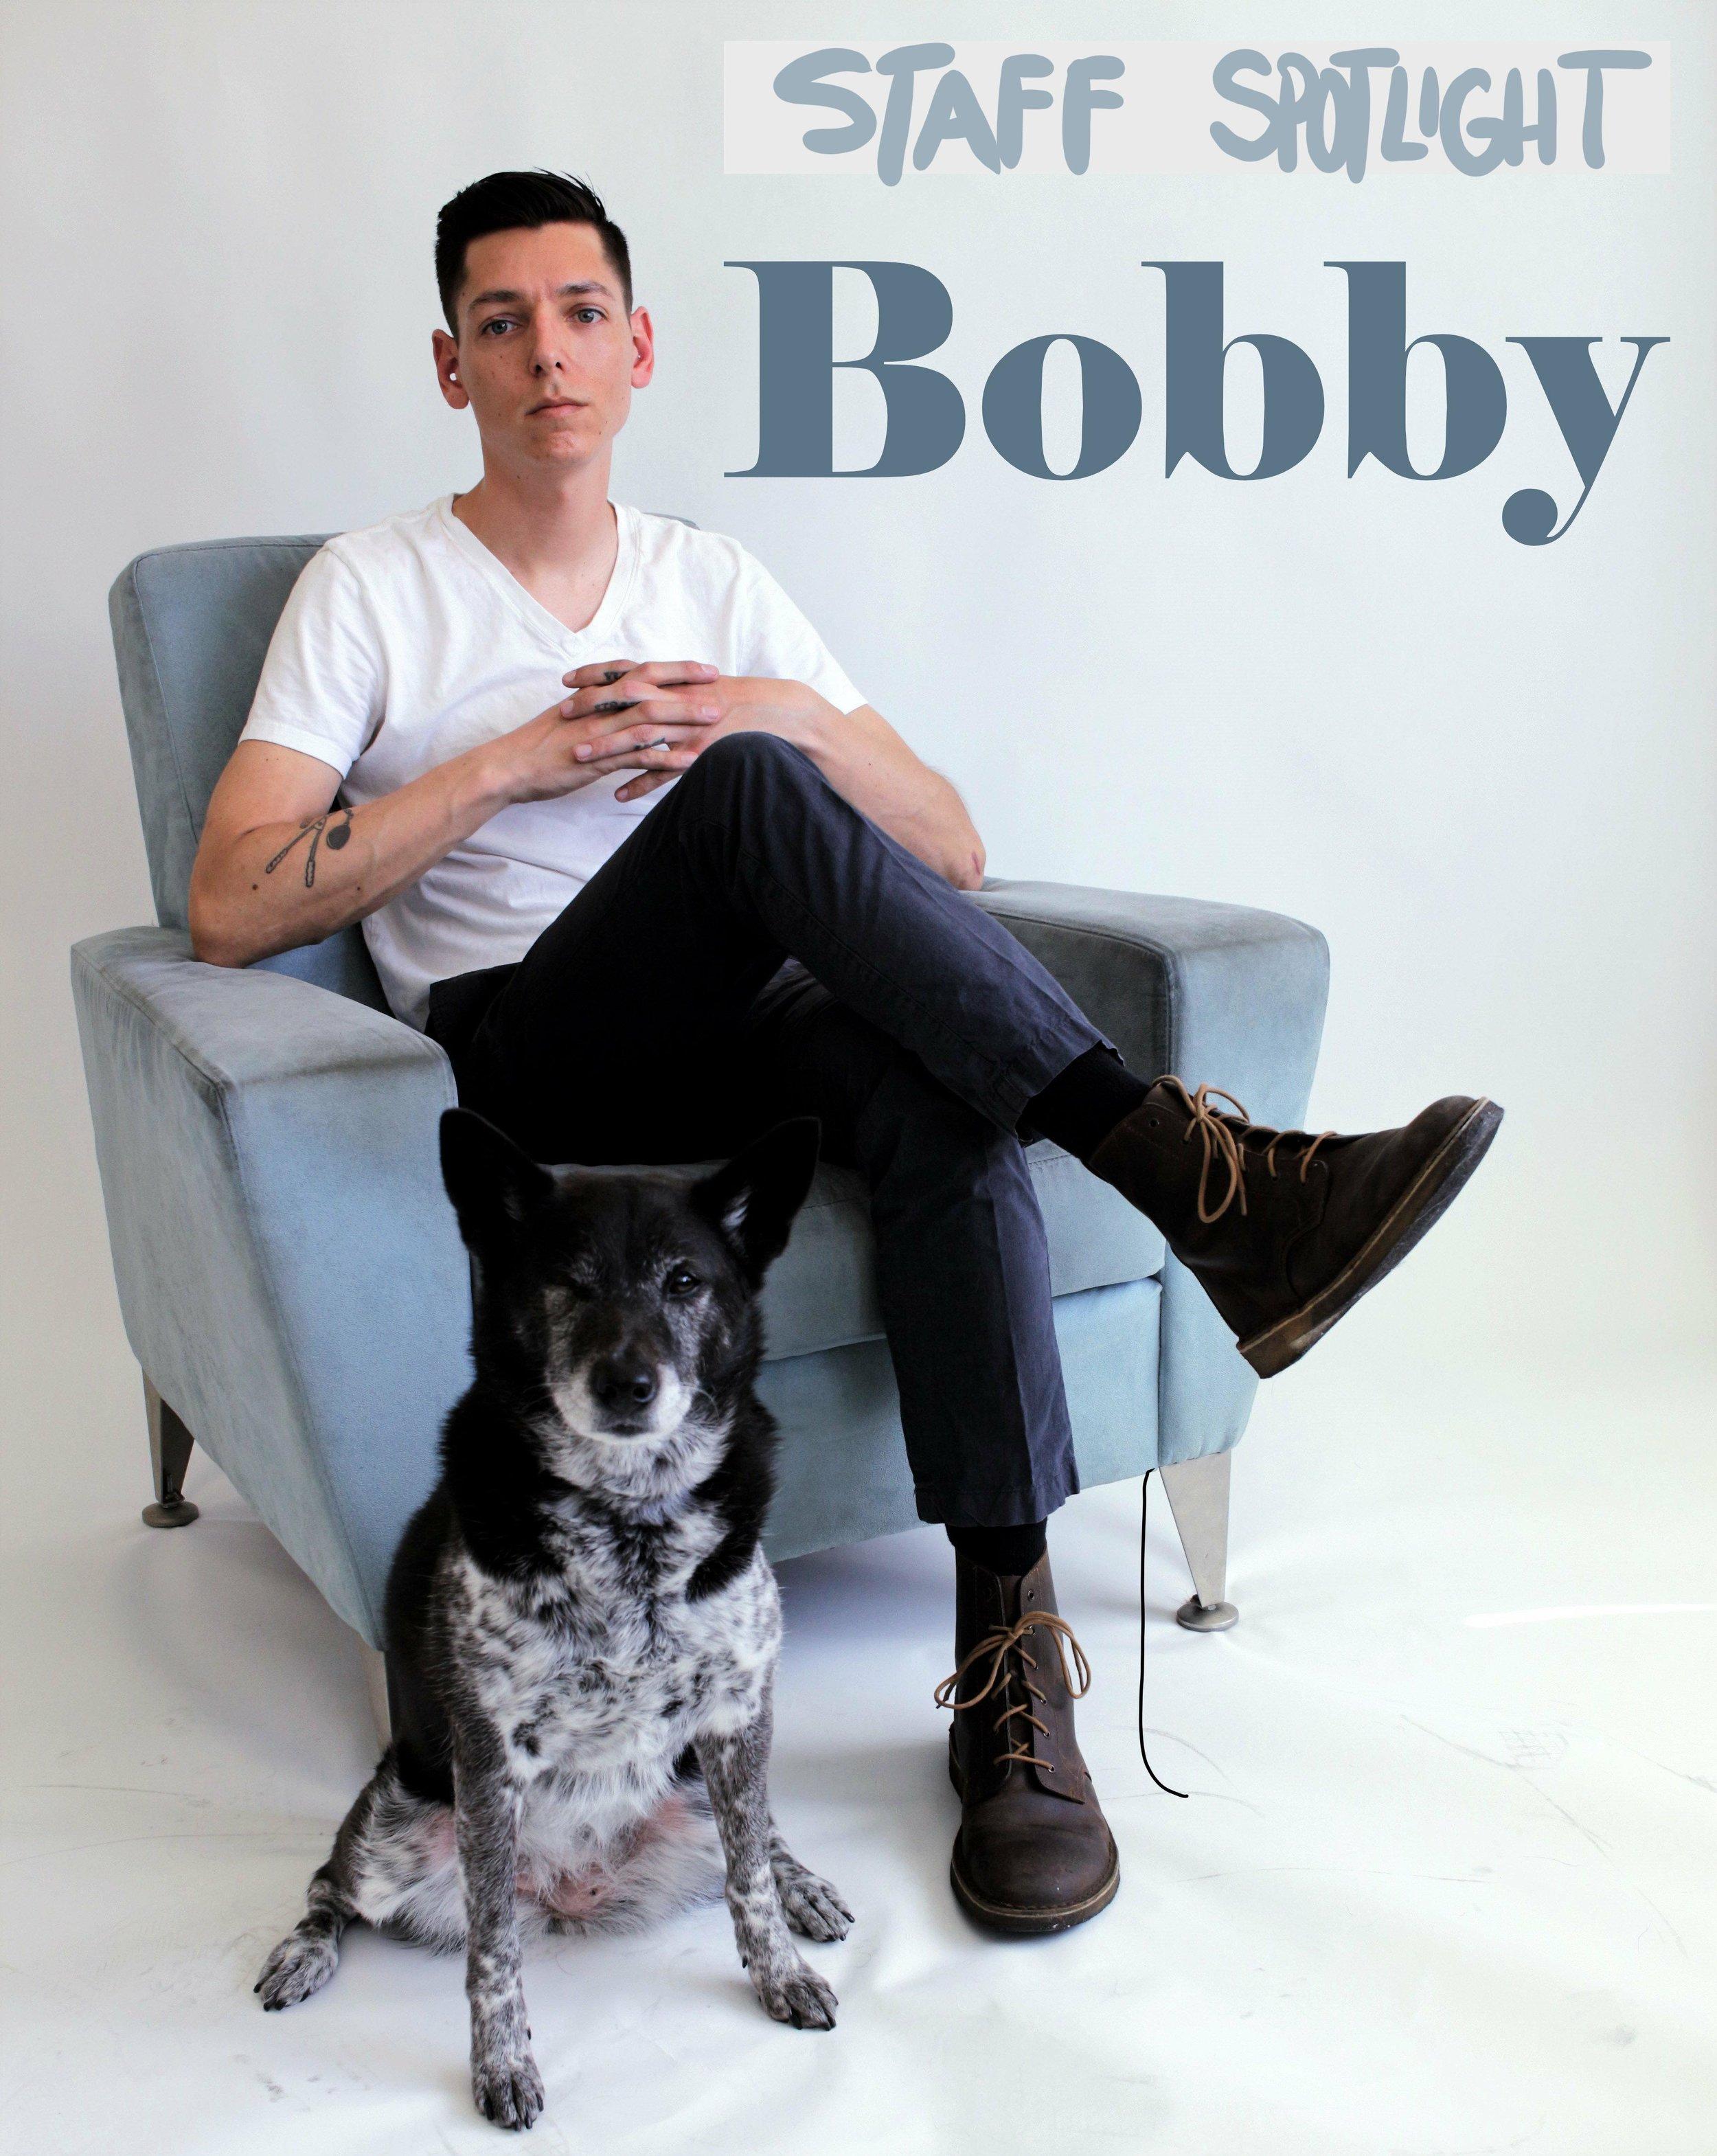 Bobby kingpin spotlight.jpg